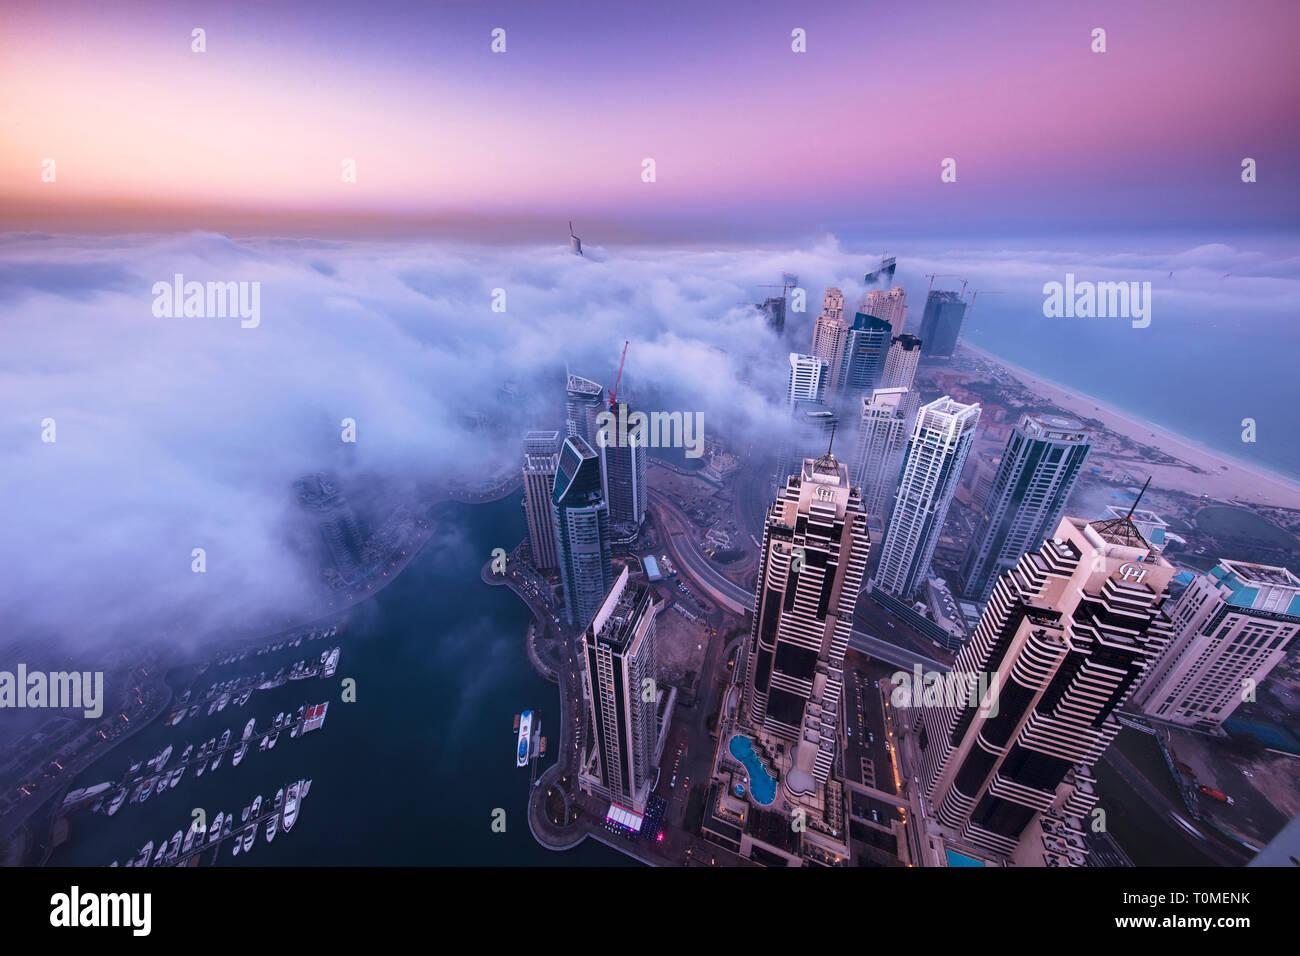 A foggy morning in Marina, Dubai Stock Photo